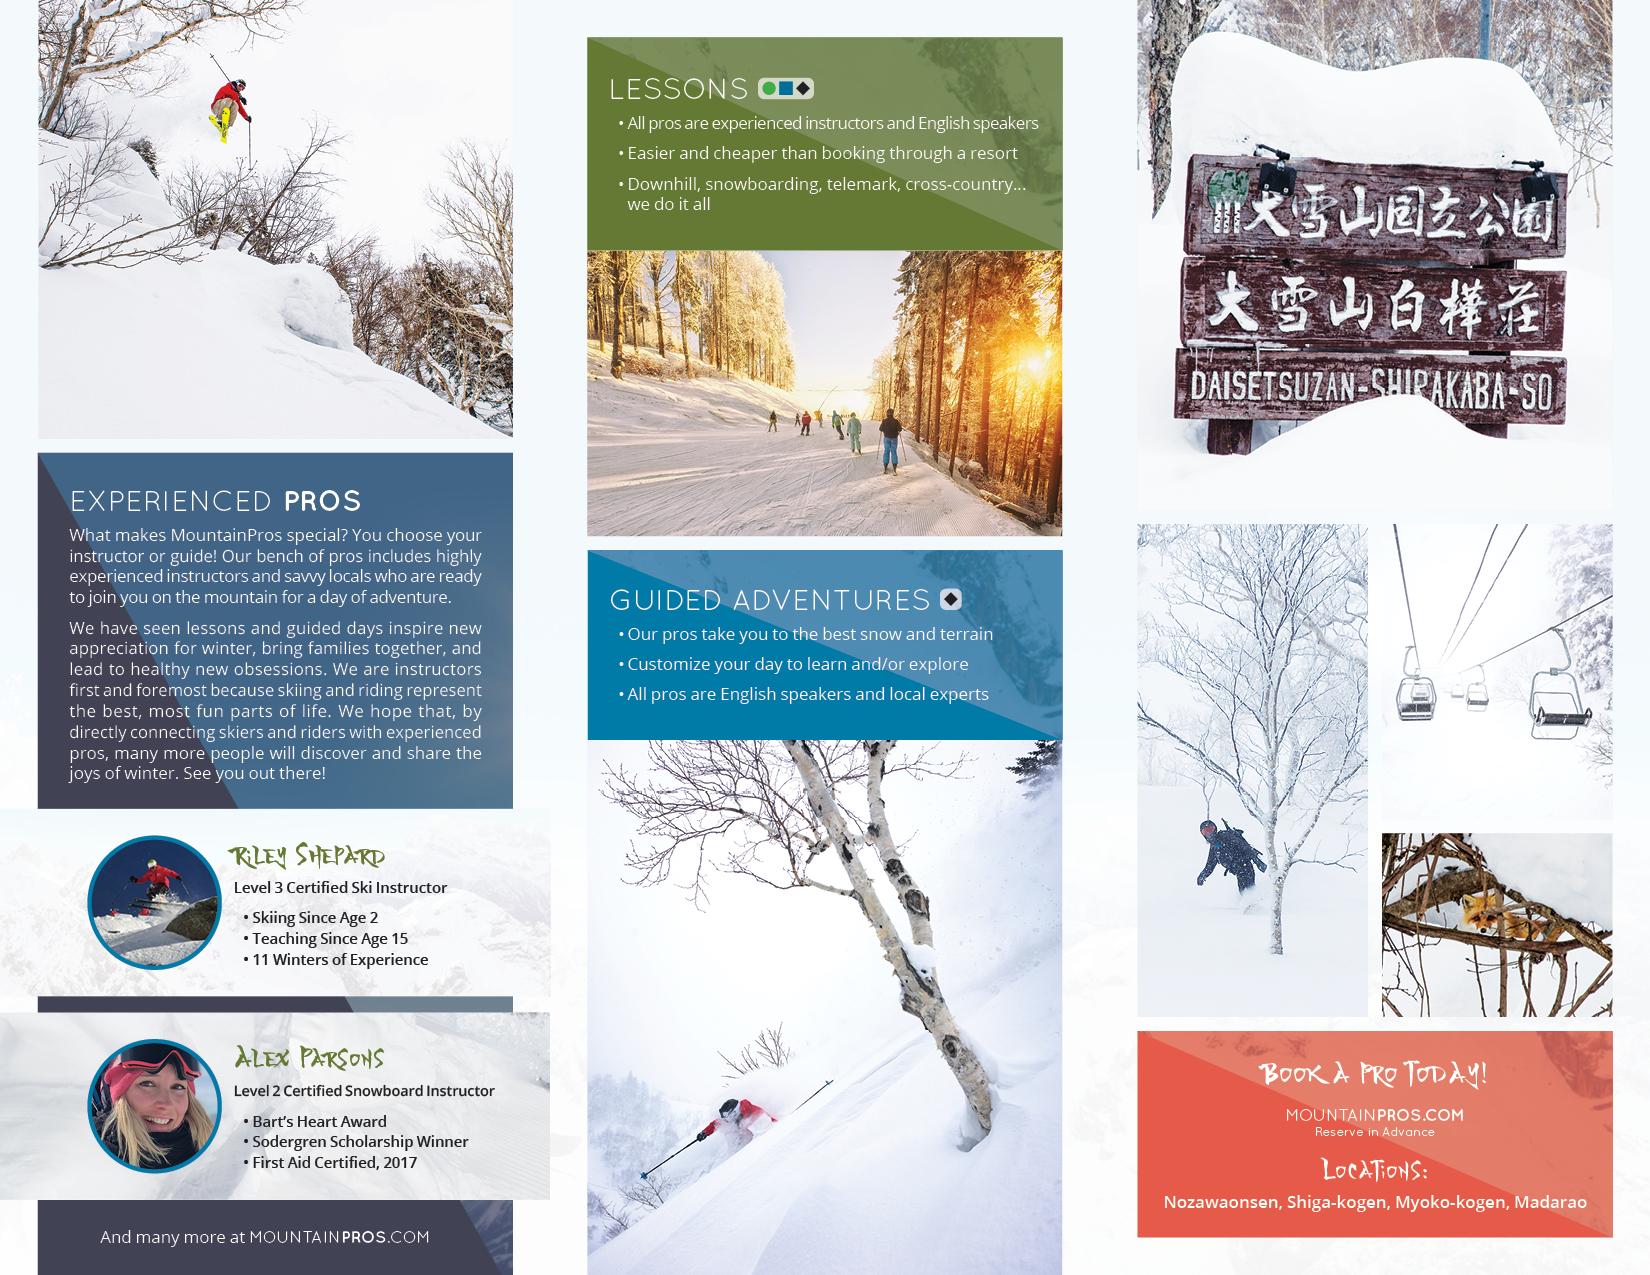 BonfireCollective_MountainPros_Brochure2.jpg